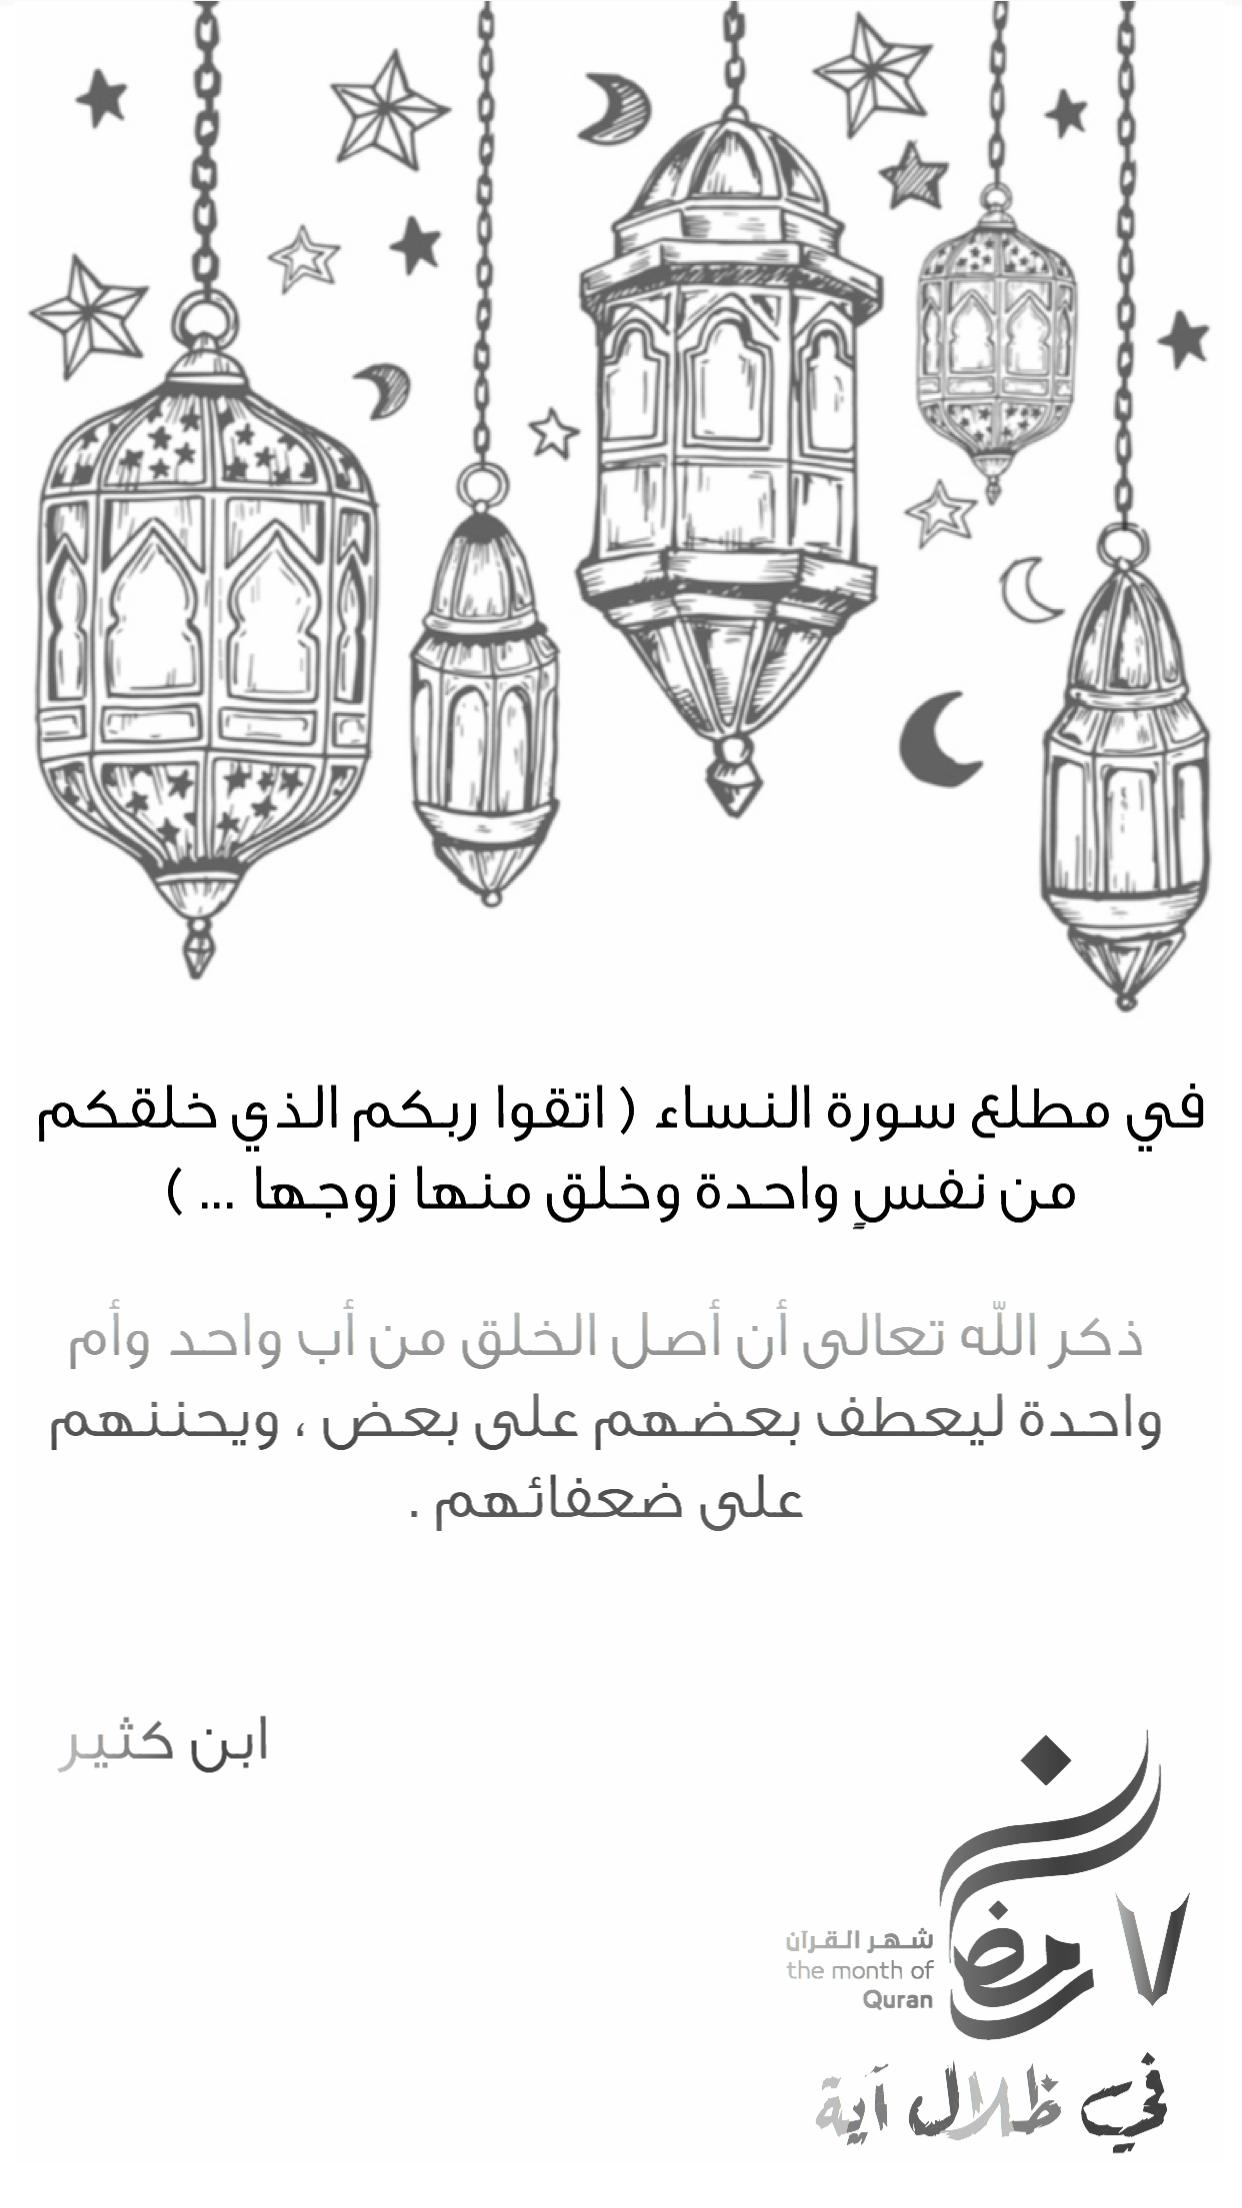 في ظلال آية رمضان شهر القرآن Quran Taj Mahal Landmarks